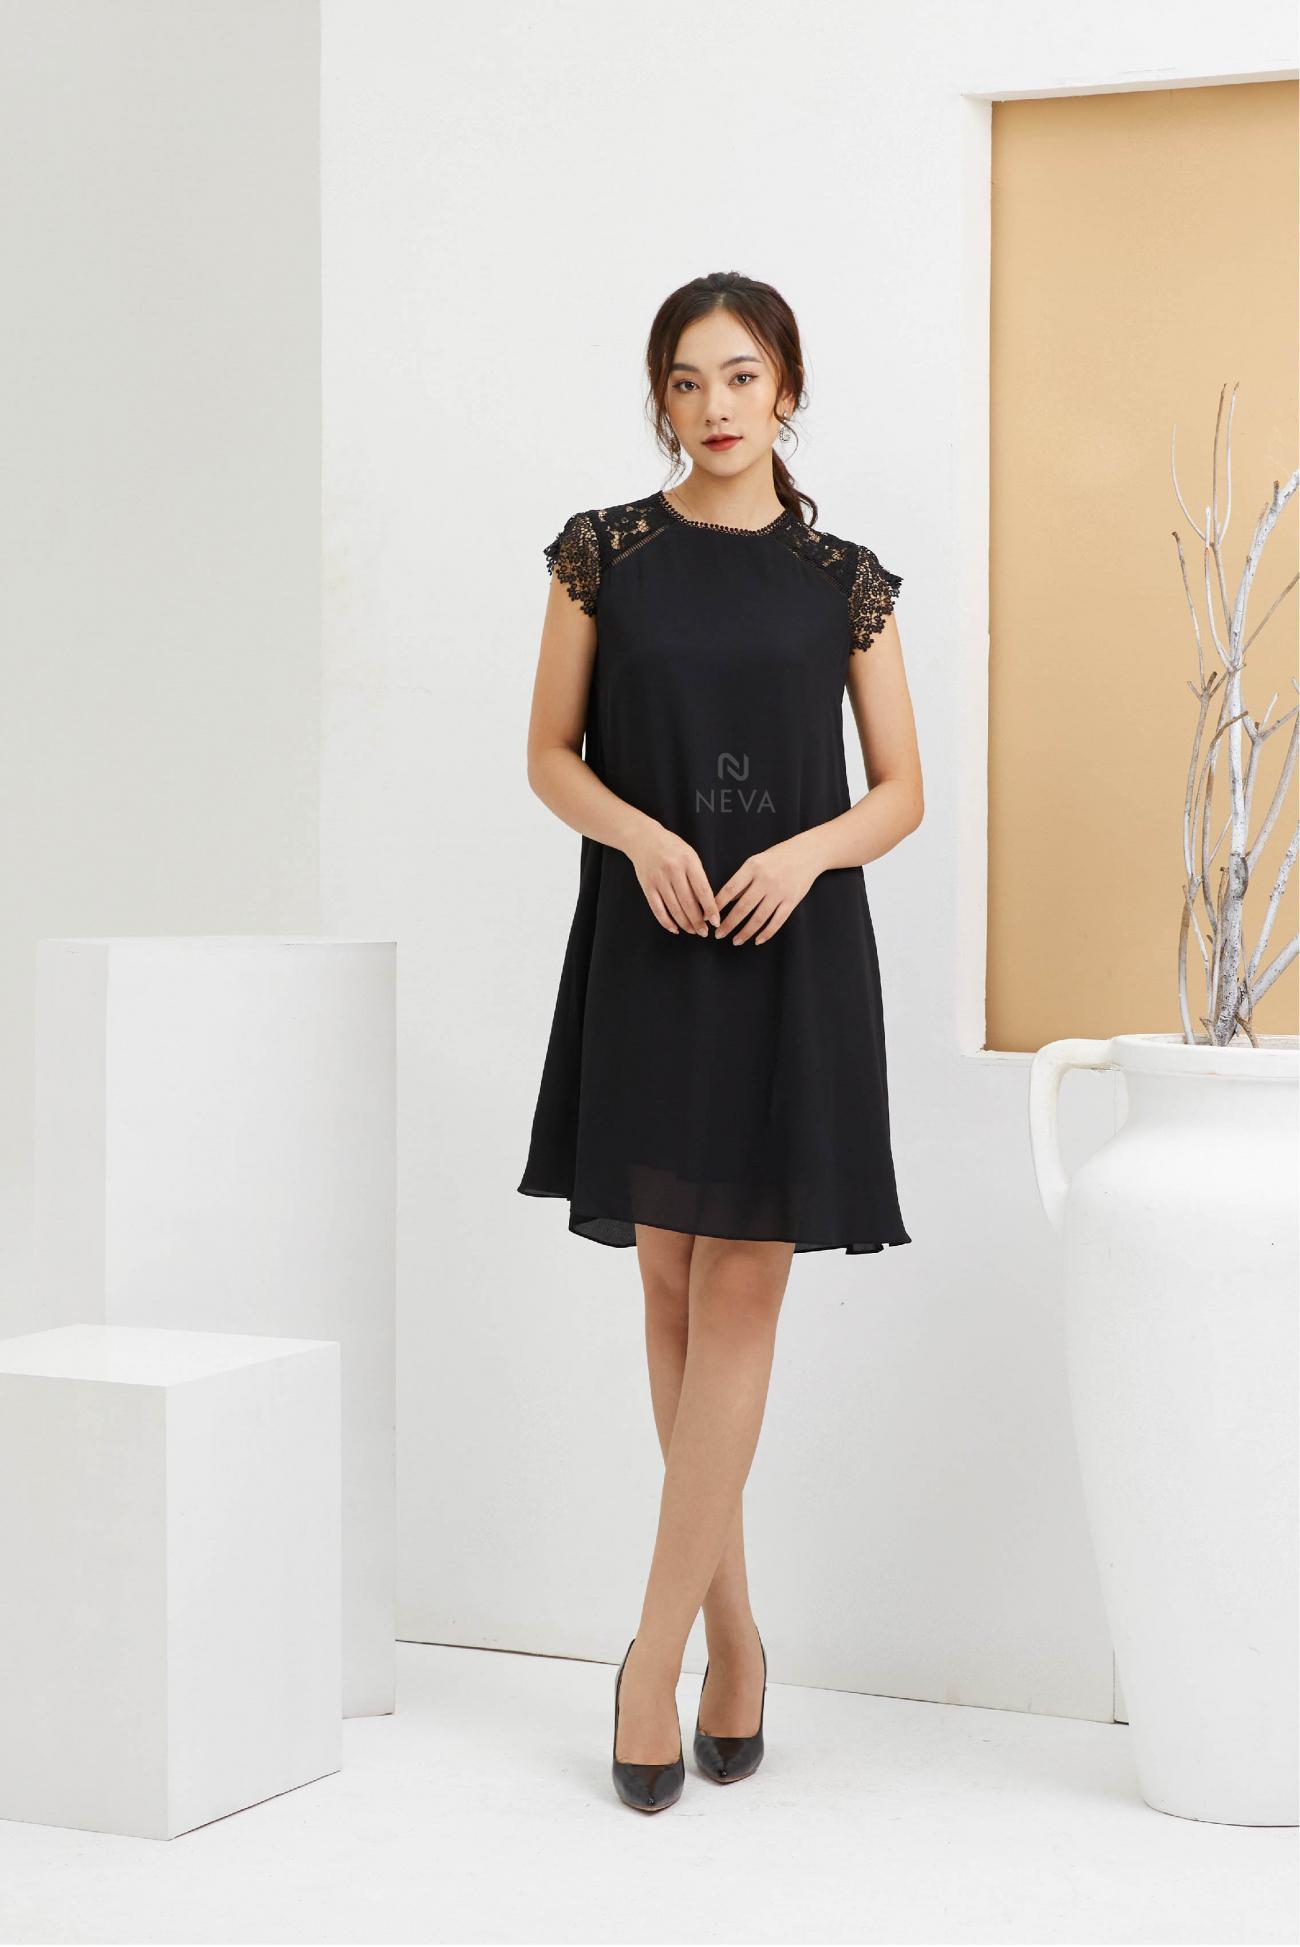 Top shop bán váy đầm suông cao cấp cho nữ tại Quận 5, TP.HCM